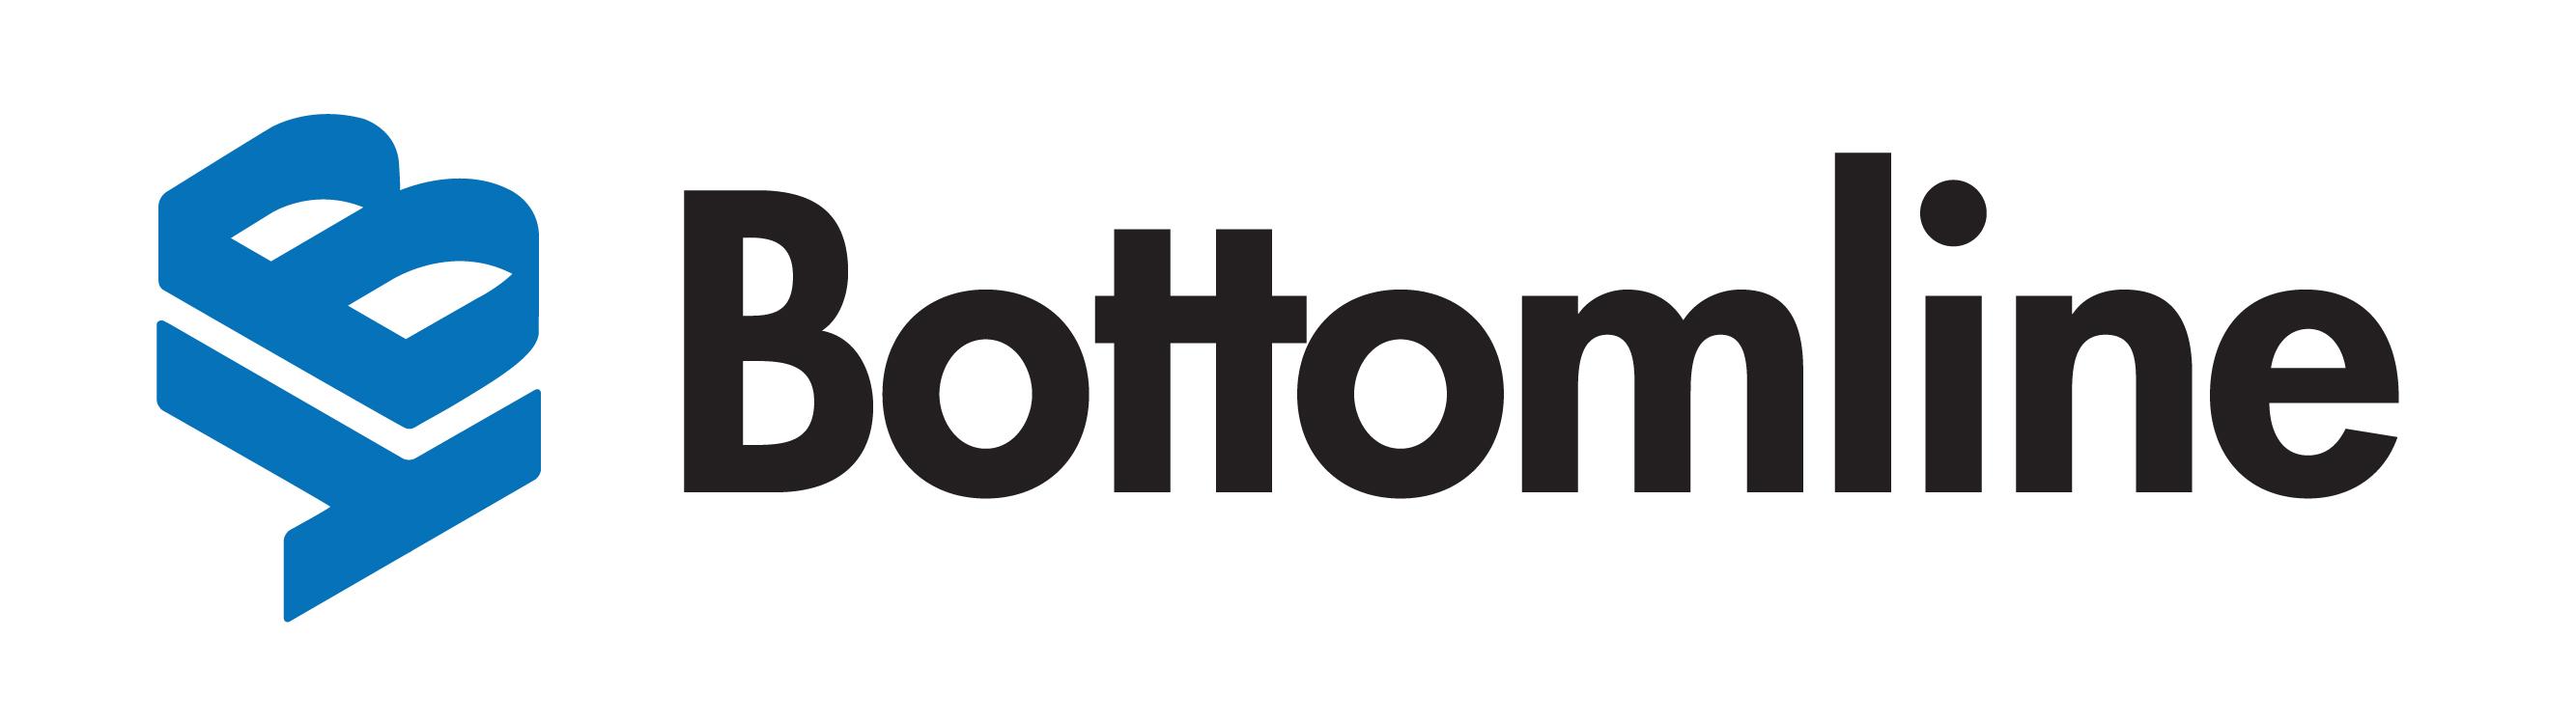 Bottomline Technology